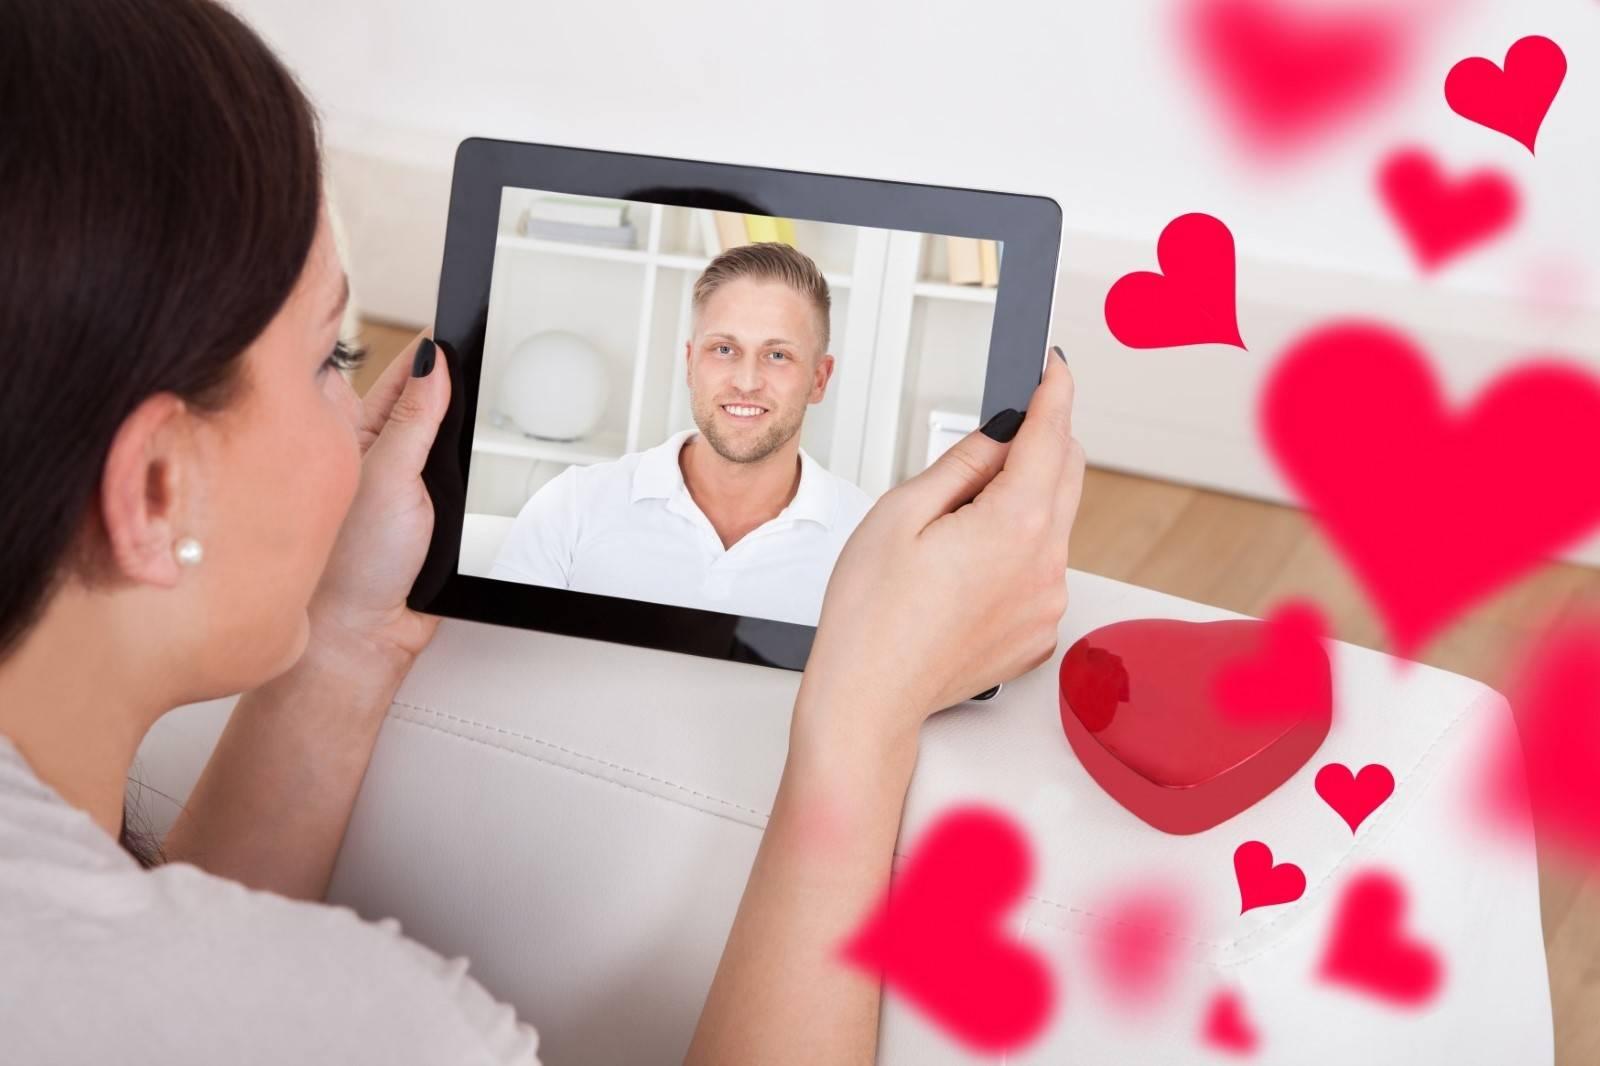 Как начать знакомство с девушкой в интернете - идеи, примеры